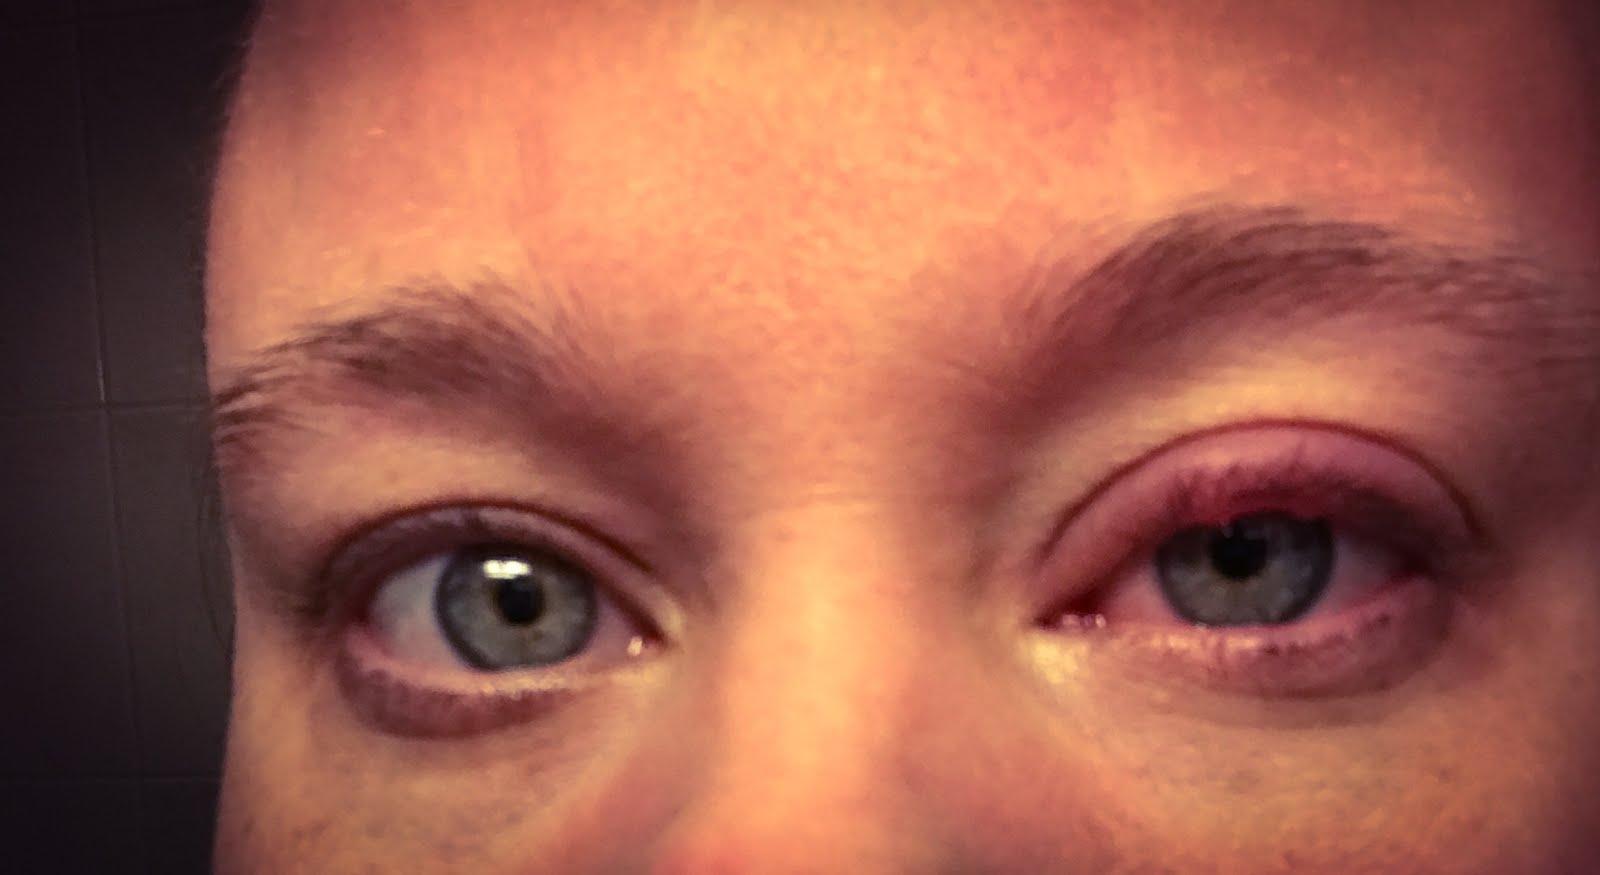 vagel i ögat behandling